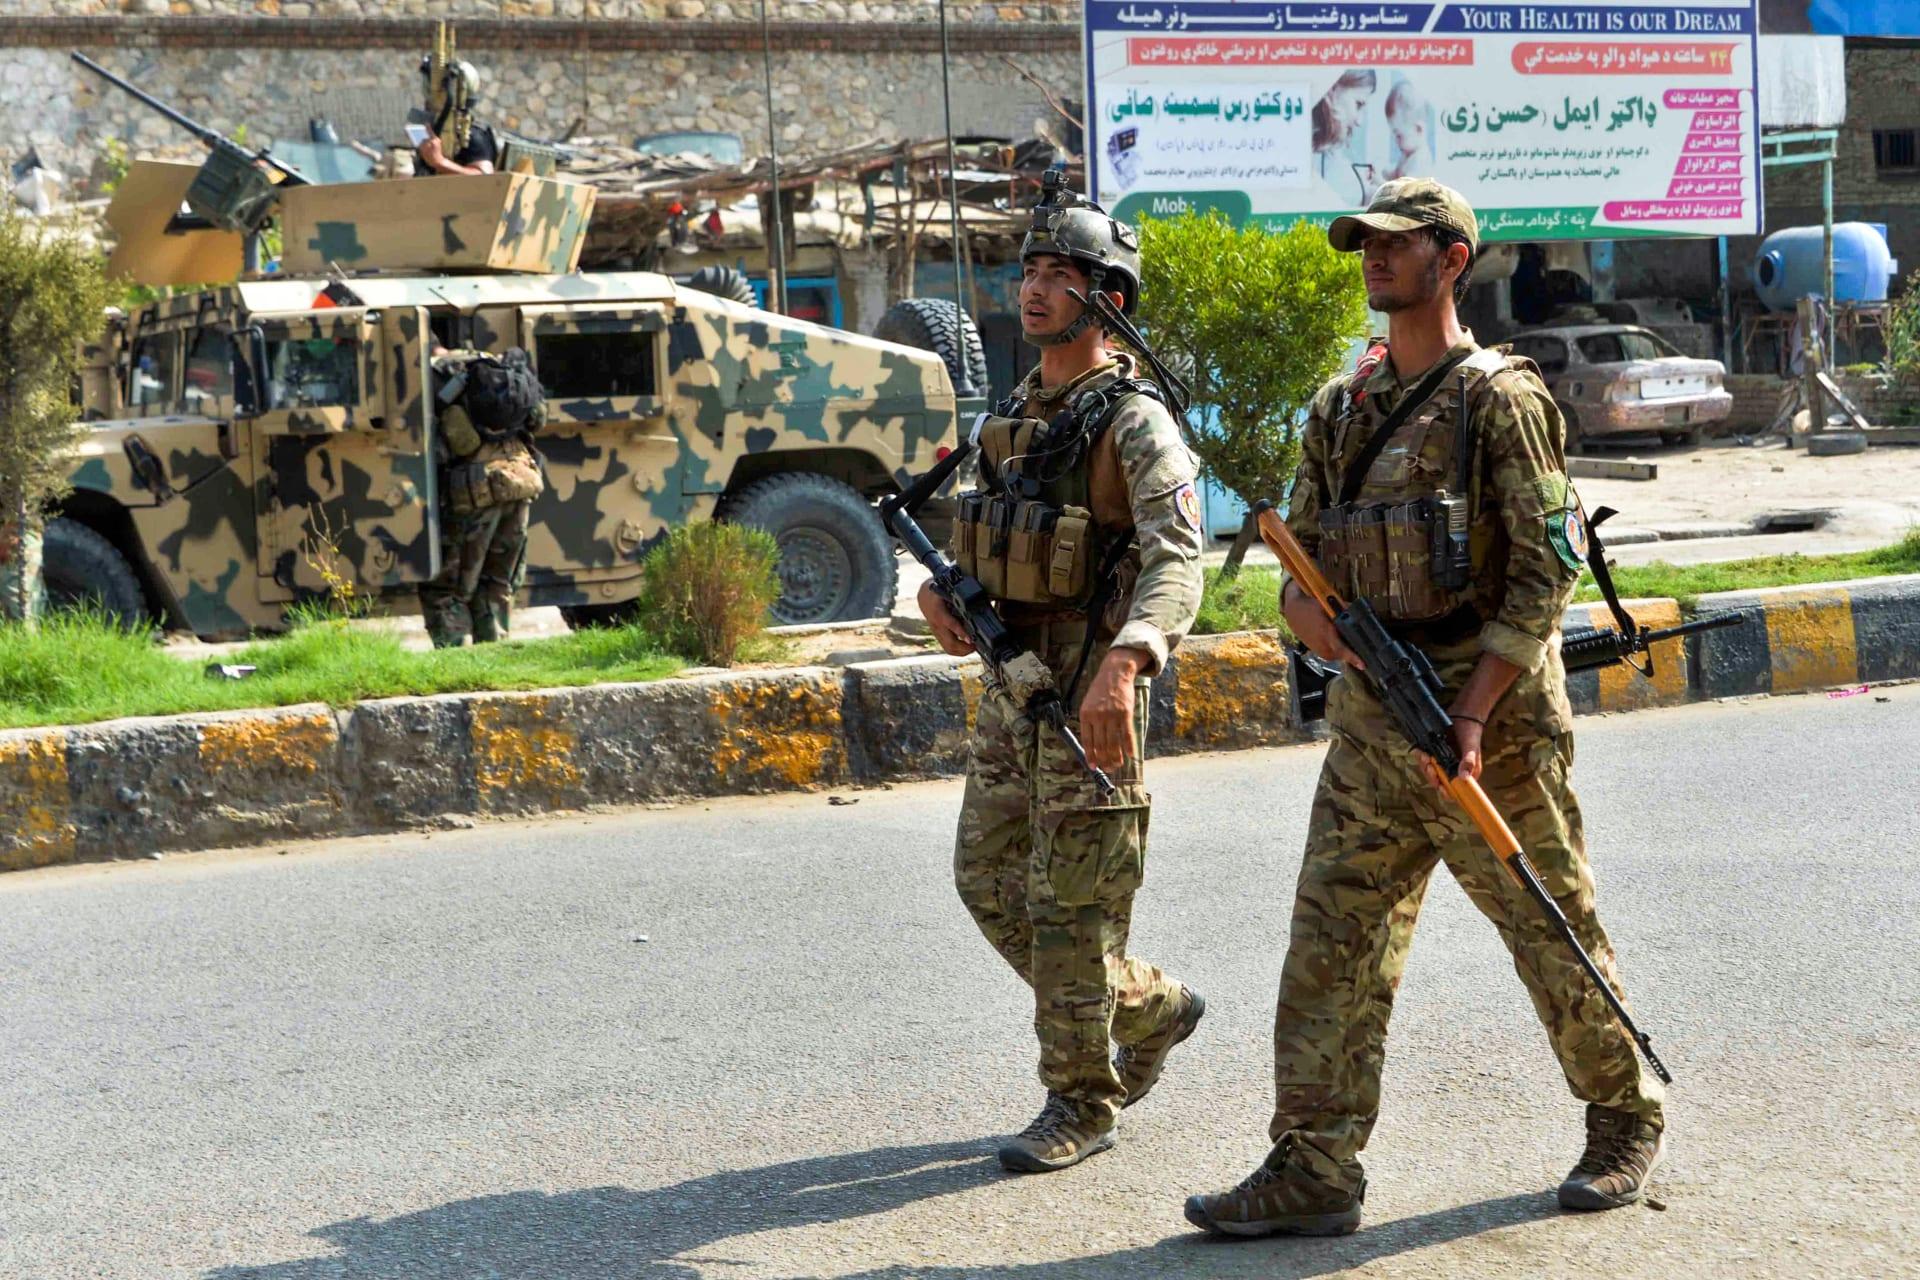 قوات الأمن الأفغانية بالقرب من أحد السجون لإحباط محاولة اقتحامه